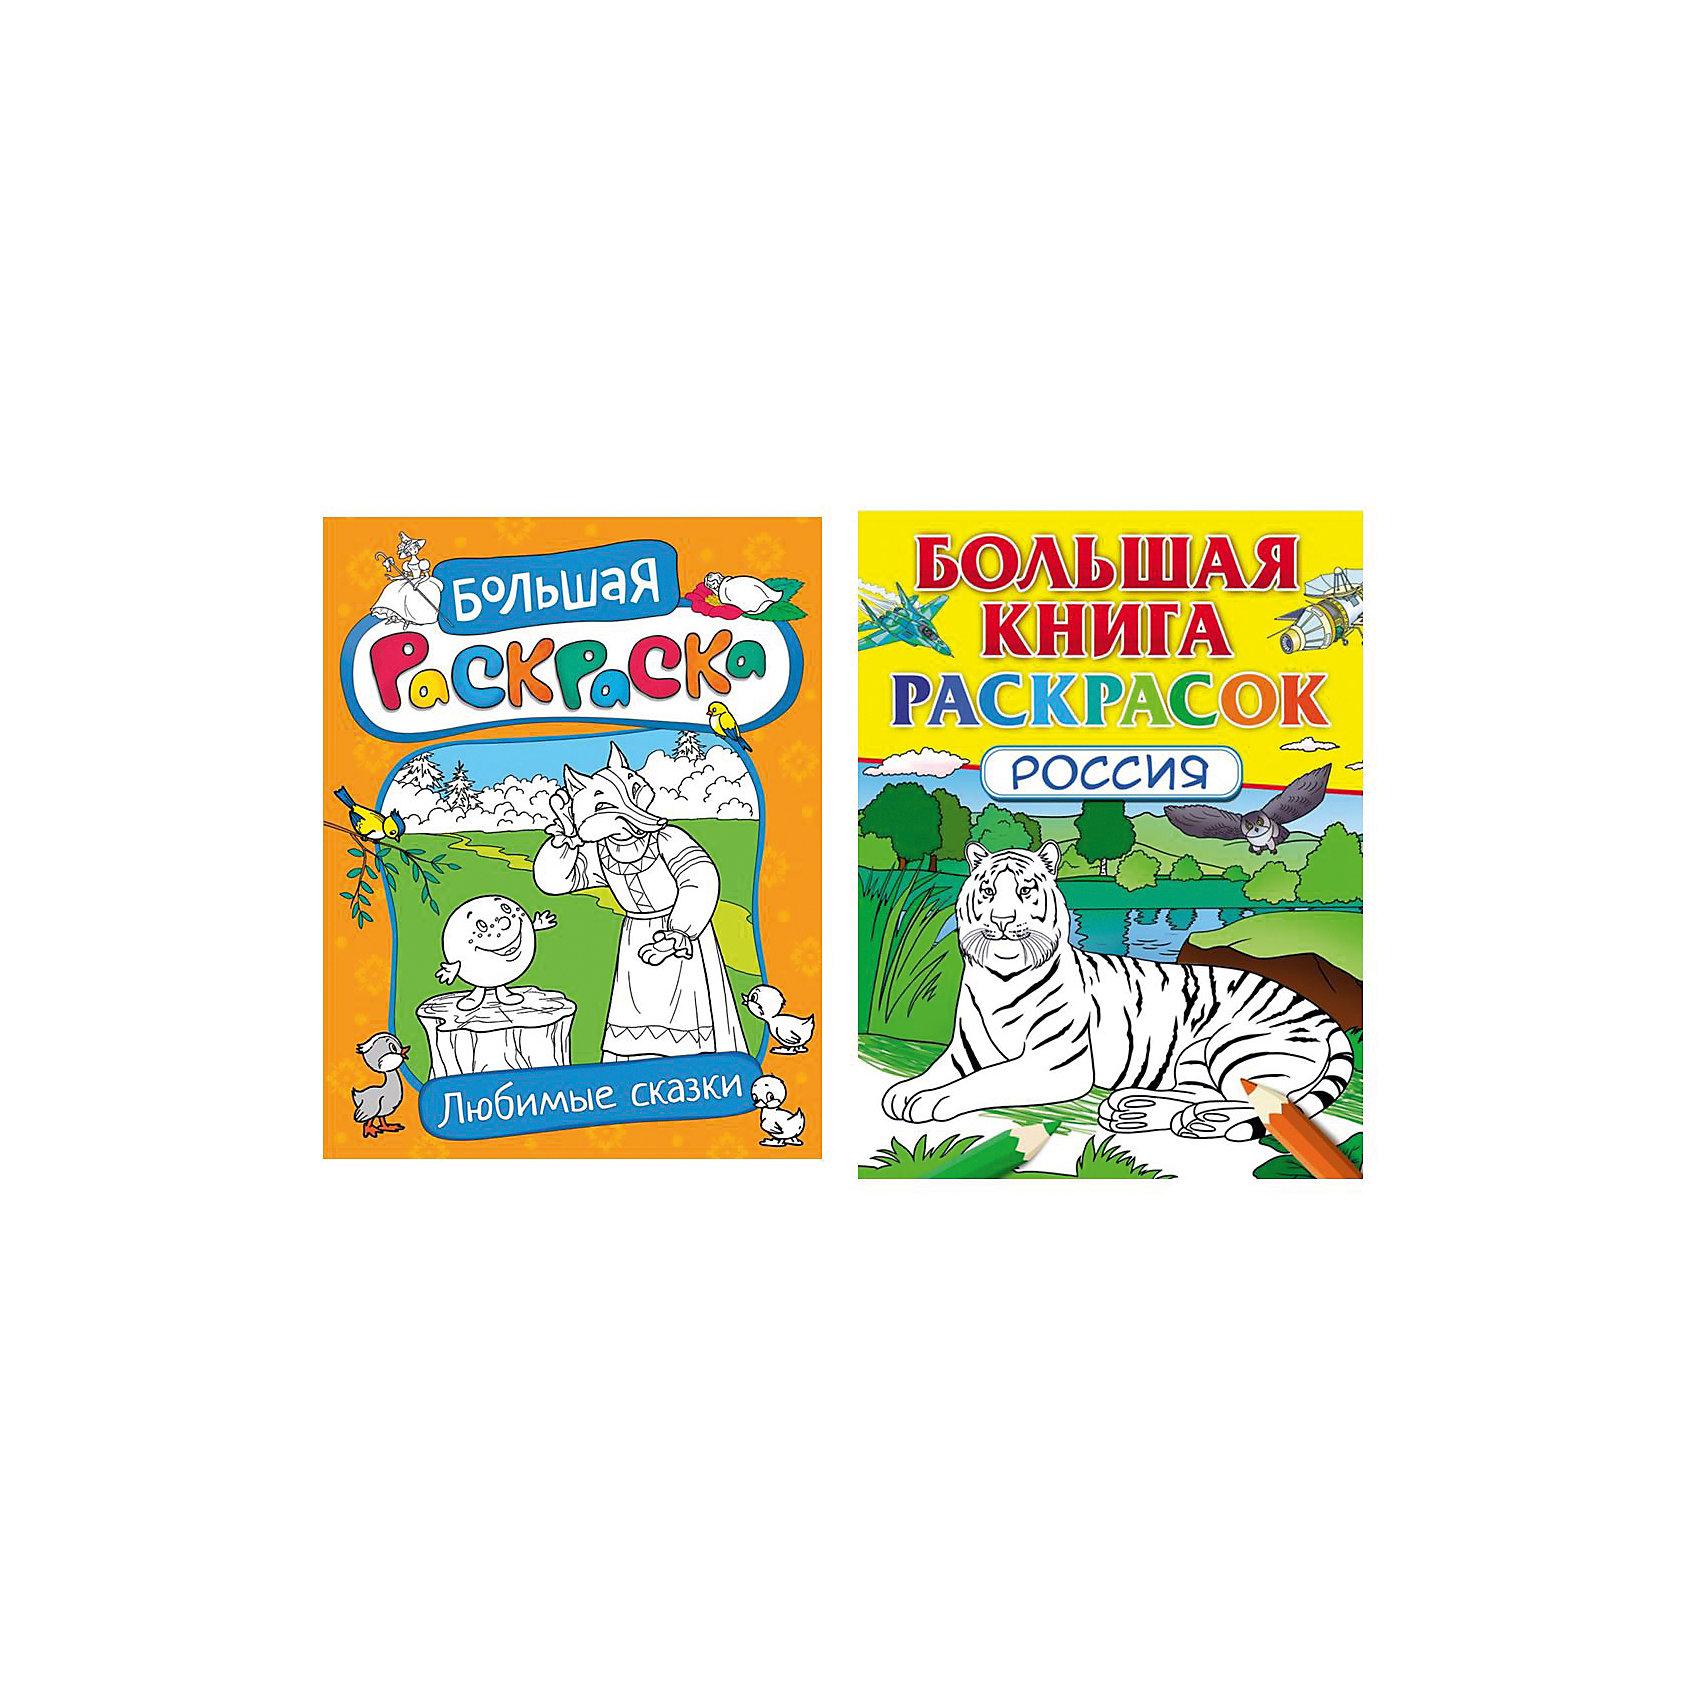 Комплект Большие раскраски для девочекКомплект Большие раскраски для девочек ? раскраски от отечественного издательства Росмэн, предназначенные для детей от 5 лет. Комплект раскрасок состоит из 2 тетрадей: Большая раскраска. Любимые сказки (48 страниц) и Большая книга раскрасок. Россия (96 страниц). Первая книга состоит из сюжетных картинок в черно-белом формате самых популярных сказок, на каждой странице – отдельная раскраска, внизу картинки подписано название сказки. Вторая книга – сборник картинок, изображающих здания, явления, события, относящиеся к истории России. Раскрашивать картинки можно фломастерами, карандашами или красками.<br>Комплект Большие раскраски для девочек направлен на расширение кругозора ребенка, на развитие воображения и творческих способностей, а также мелкой моторики.<br><br>Дополнительная информация:<br><br>- Жанр книг: раскраски<br>- Предназначение: для дома, для детских садов<br>- Материал: плотная бумага<br>- Комплектация: 2 книжки-раскраски ? Любимые сказки и Россия<br> - Размер (Д*Ш*В): 27,5*21*1,3 см<br><br>Подробнее:<br><br>• Для детей в возрасте: от 5 лет<br>• Издательство: Росмэн<br>• Страна производитель: Россия<br><br>Комплект Большие раскраски для девочек можно купить в нашем интернет-магазине.<br><br>Ширина мм: 275<br>Глубина мм: 210<br>Высота мм: 13<br>Вес г: 440<br>Возраст от месяцев: 60<br>Возраст до месяцев: 96<br>Пол: Женский<br>Возраст: Детский<br>SKU: 4870300